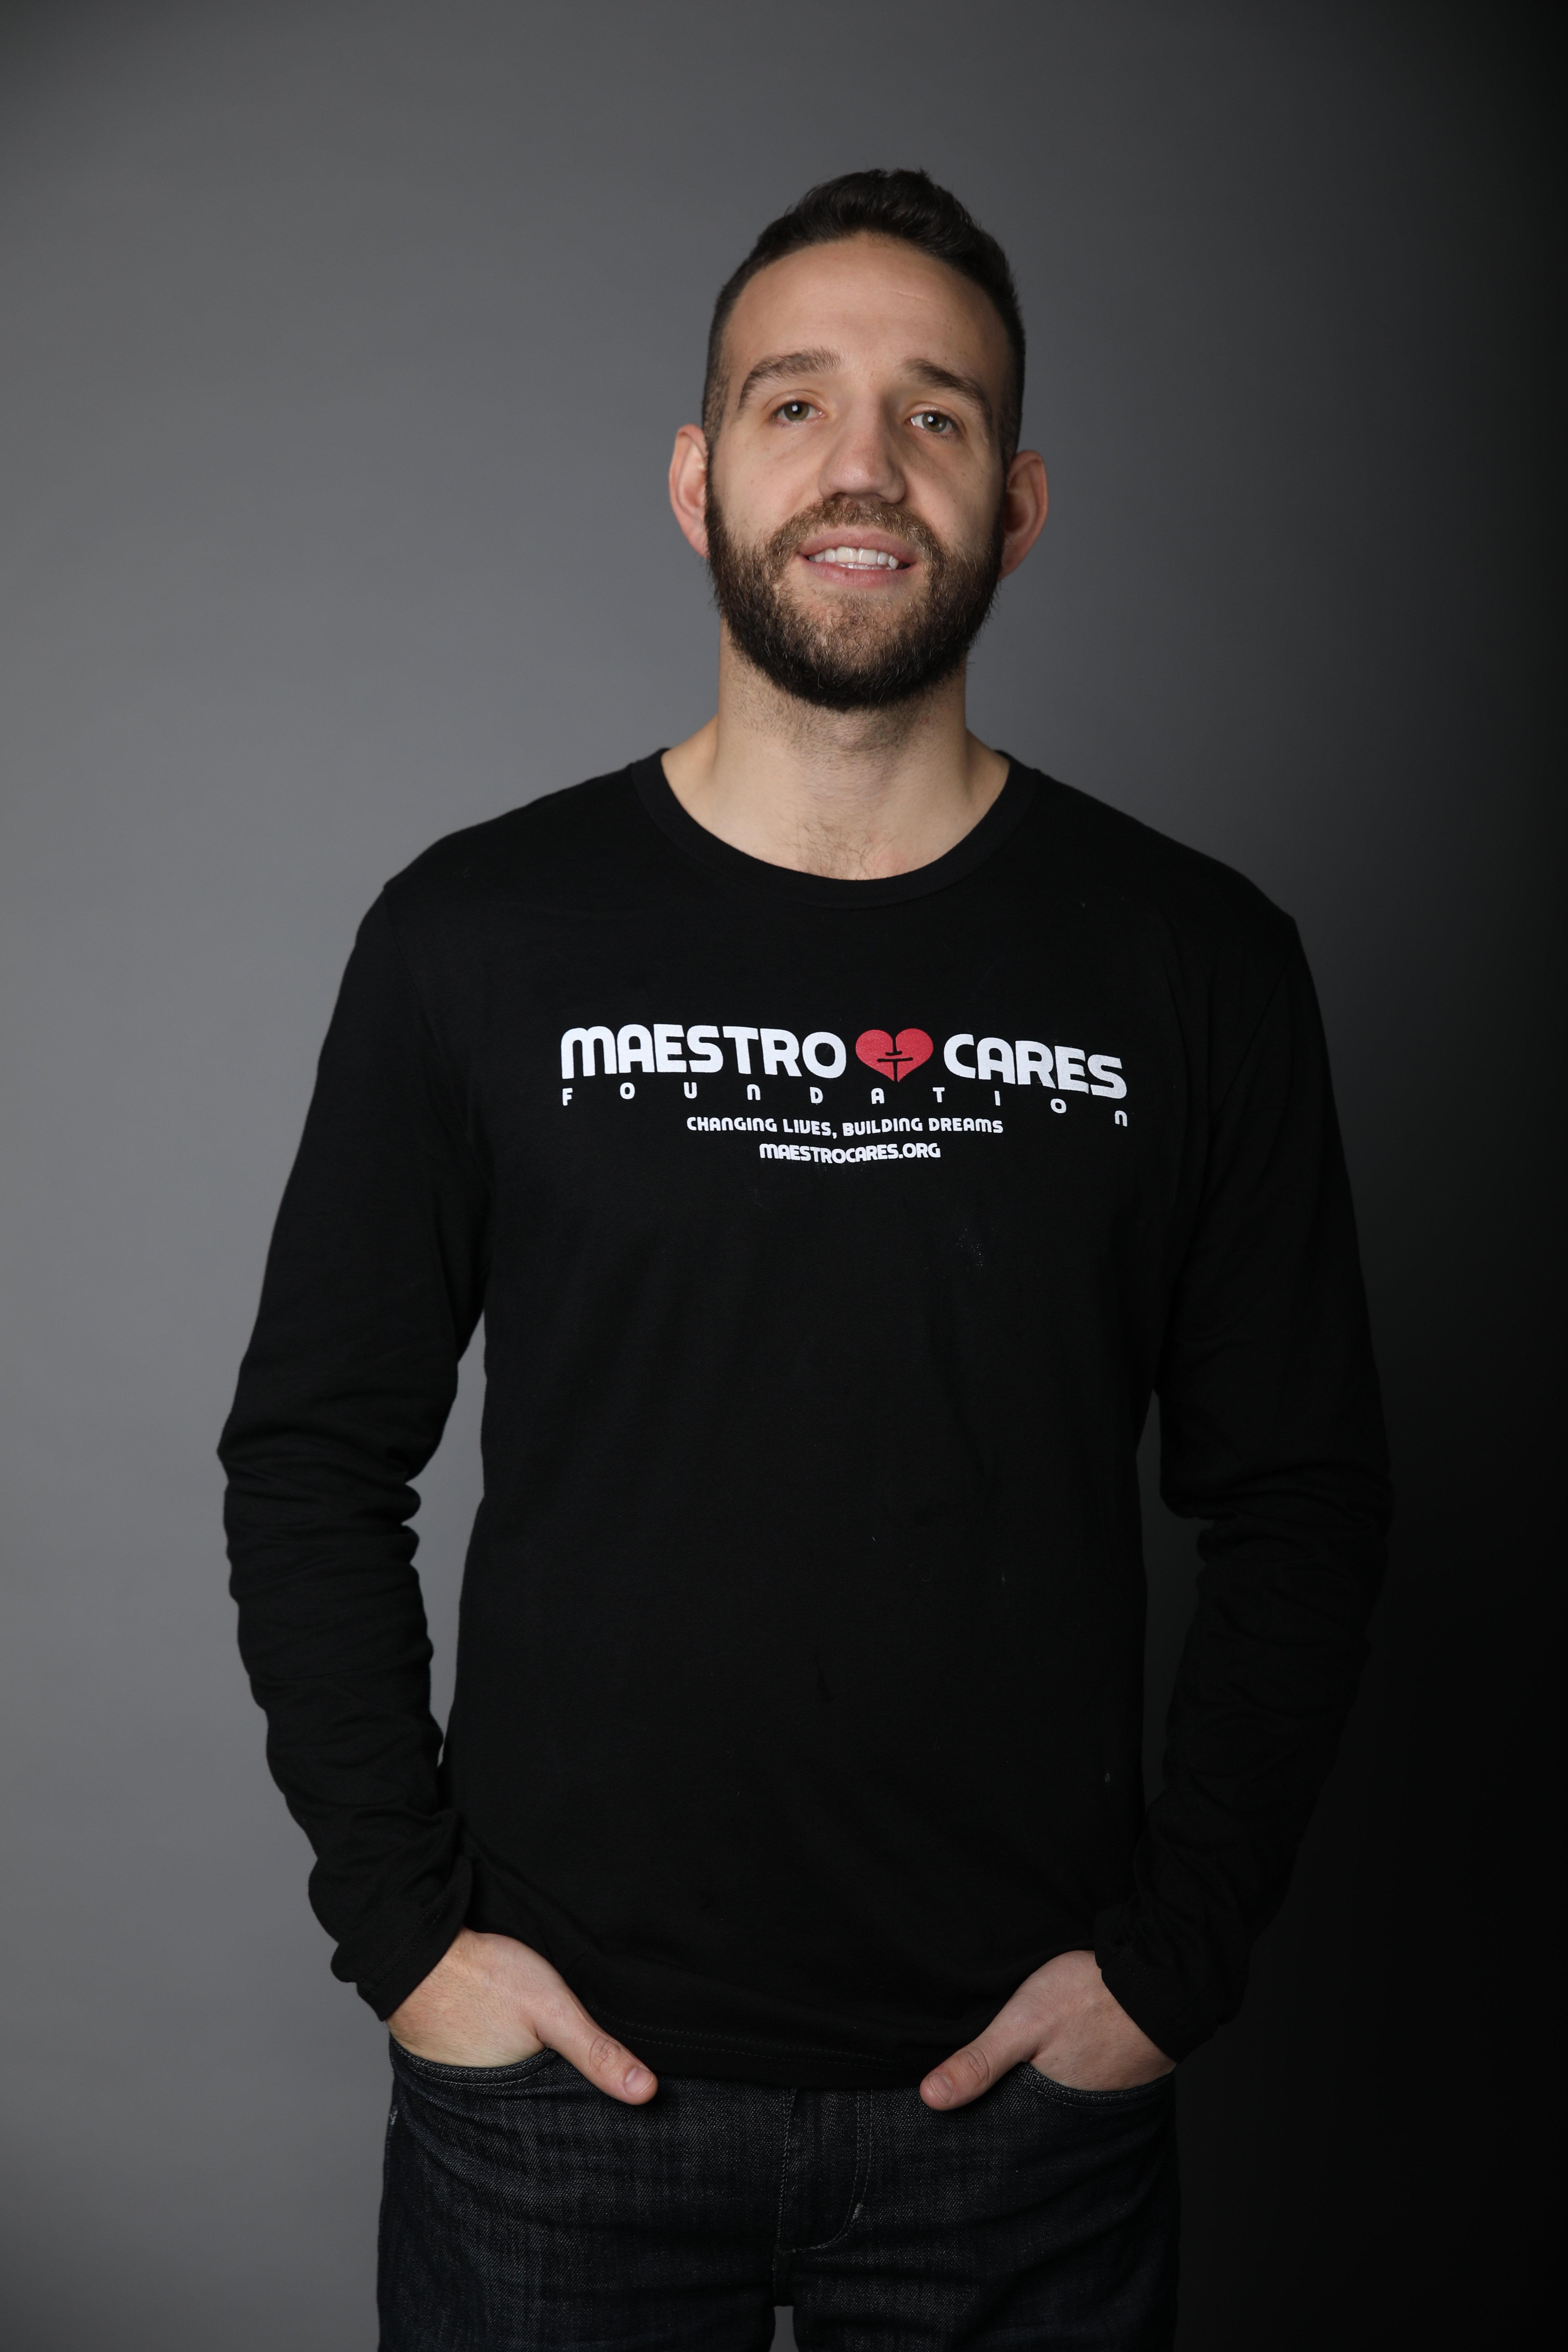 Maestro Cares Crew-neck - Unisex